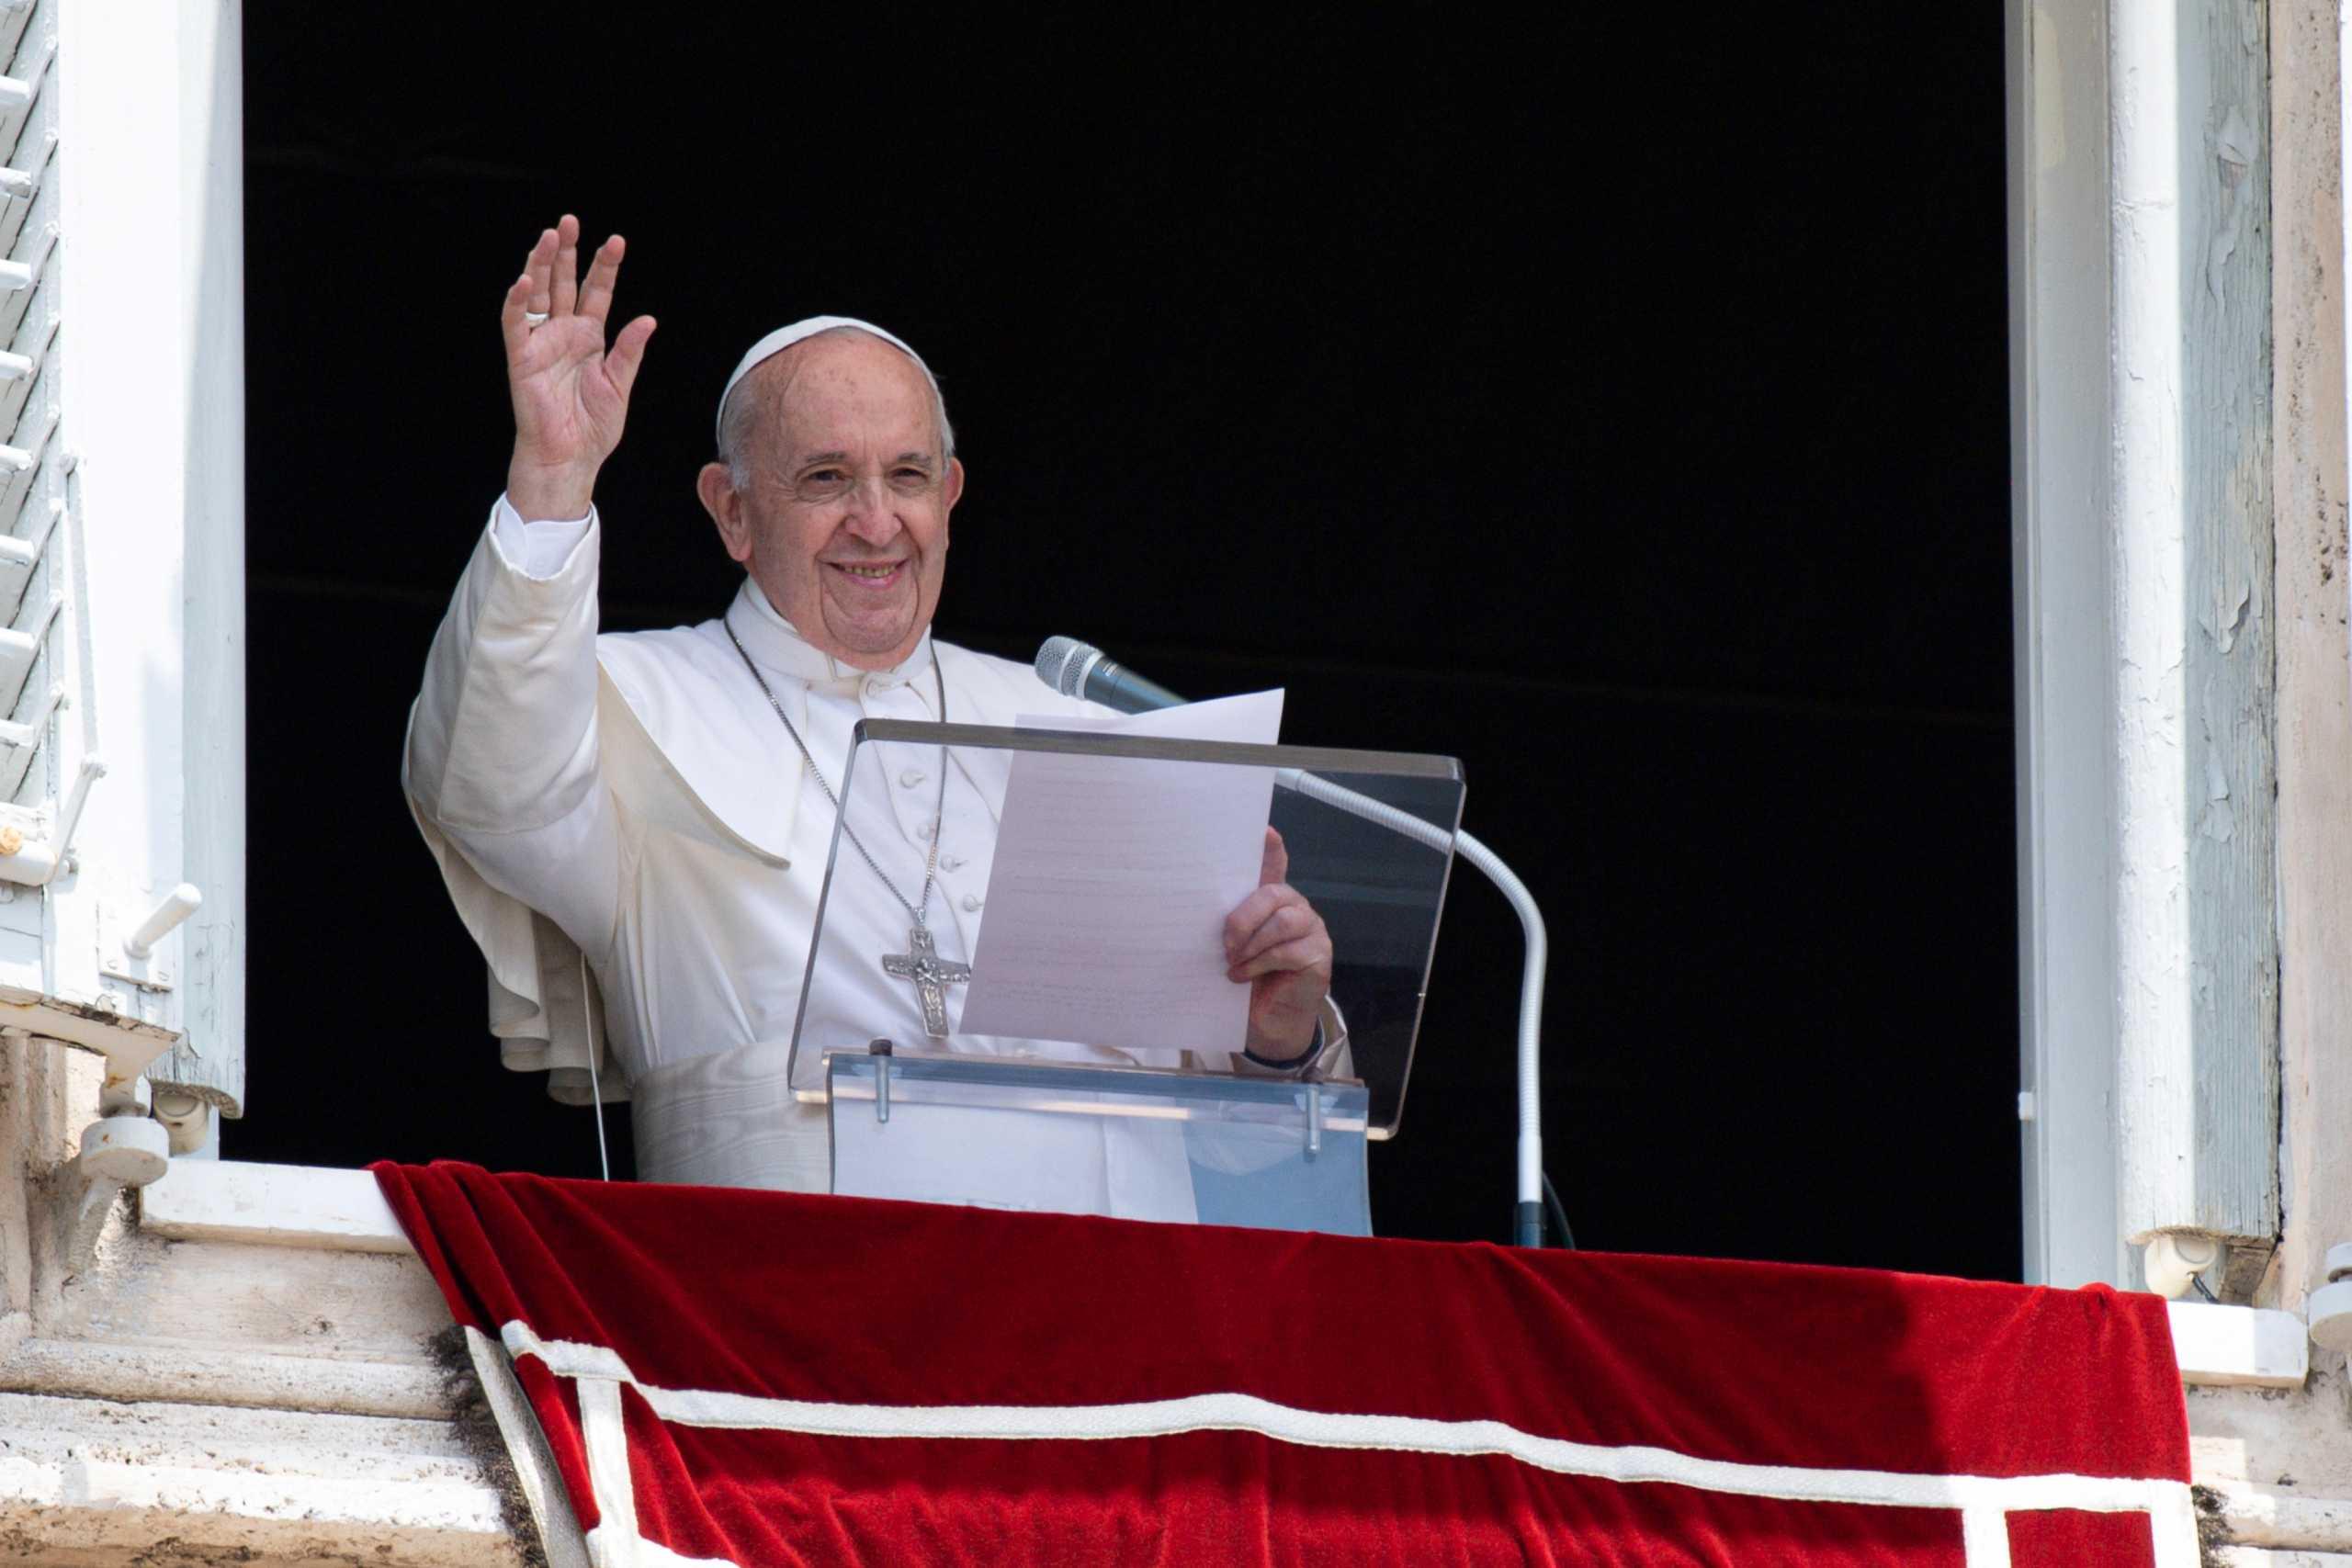 Έστειλαν φάκελο με σφαίρες στον Πάπα Φραγκίσκο